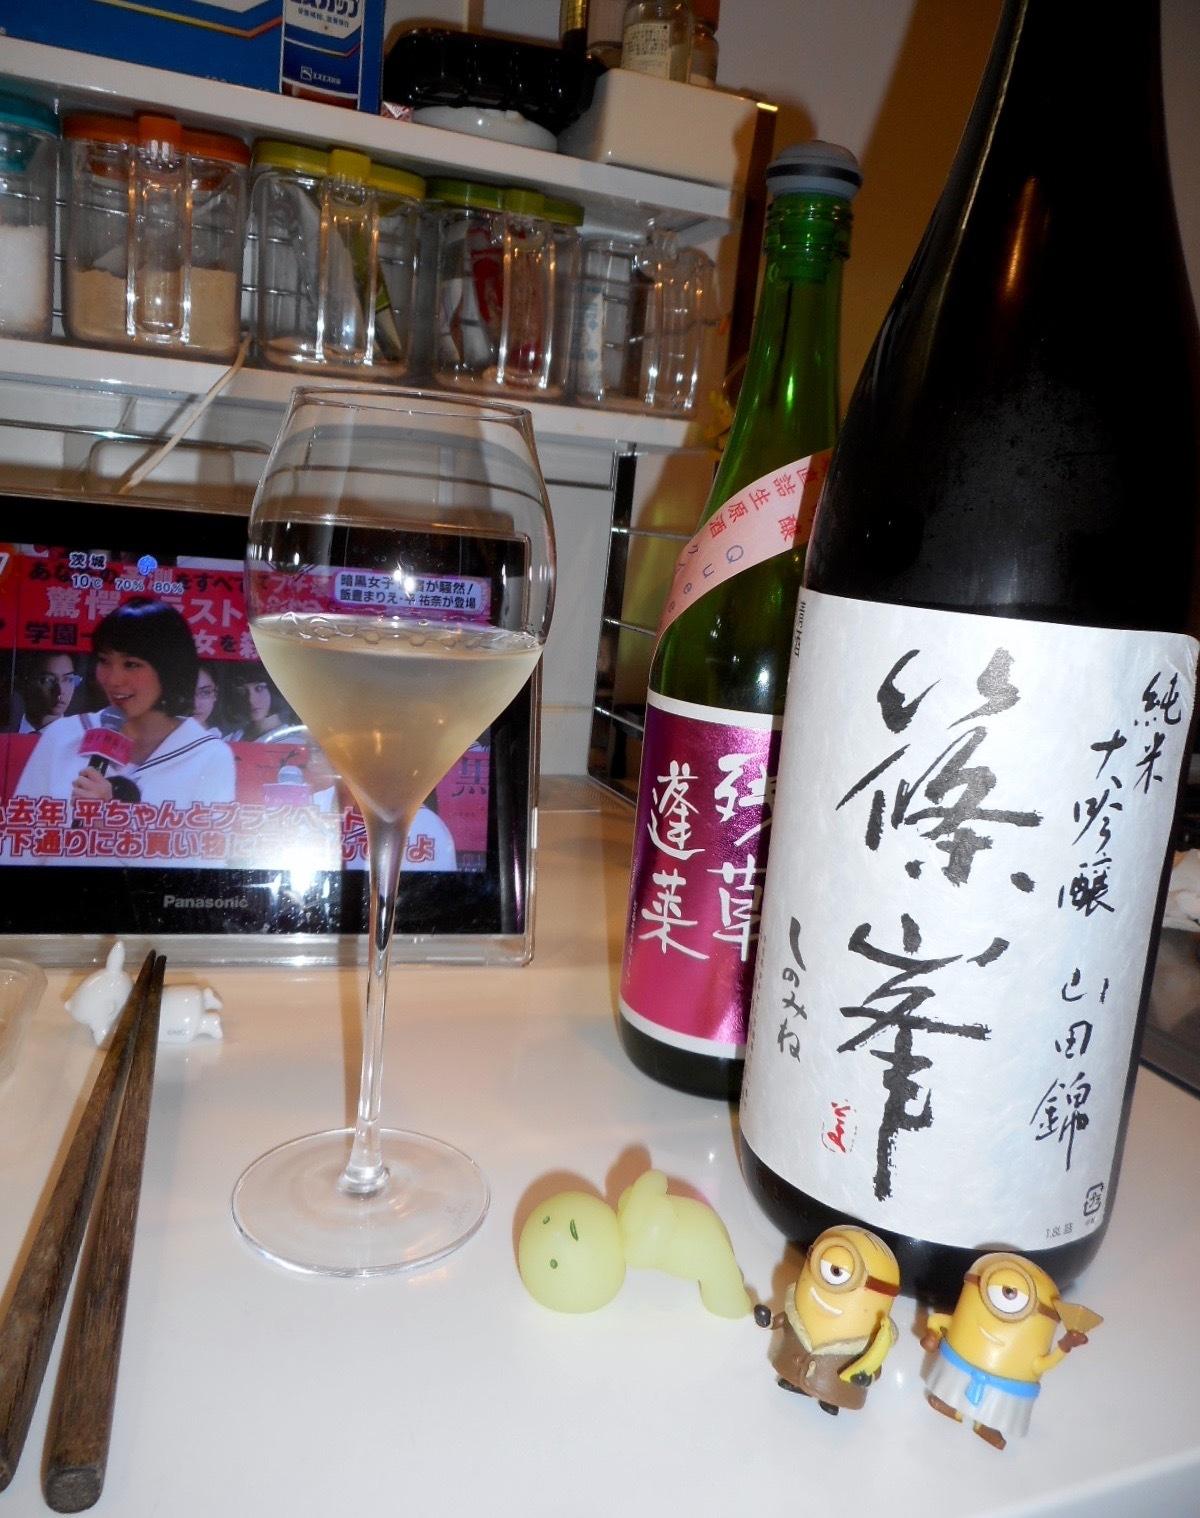 shinomine_jundai_yamada26by14.jpg